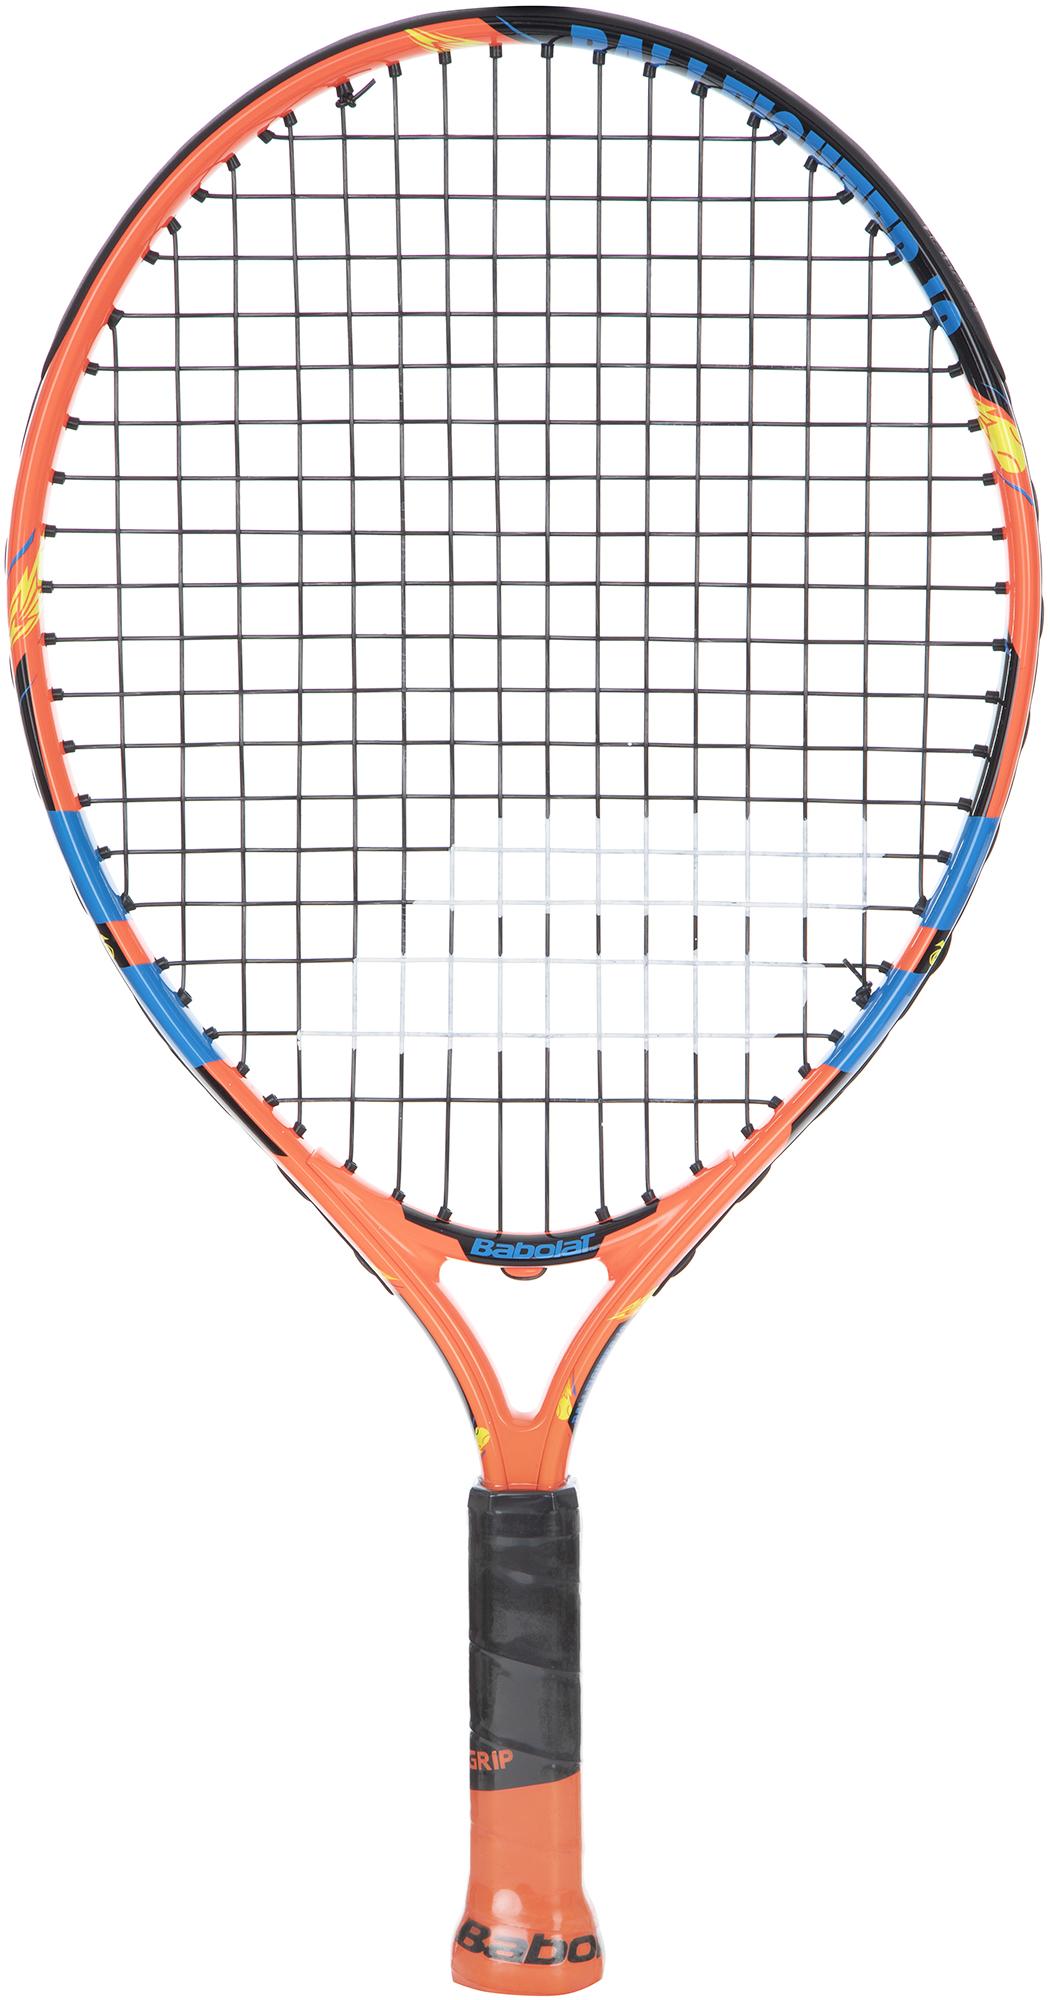 Babolat Ракетка для большого тенниса детская Babolat BALLFIGHTER 19 babolat ракетка для большого тенниса детская babolat ballfighter 23